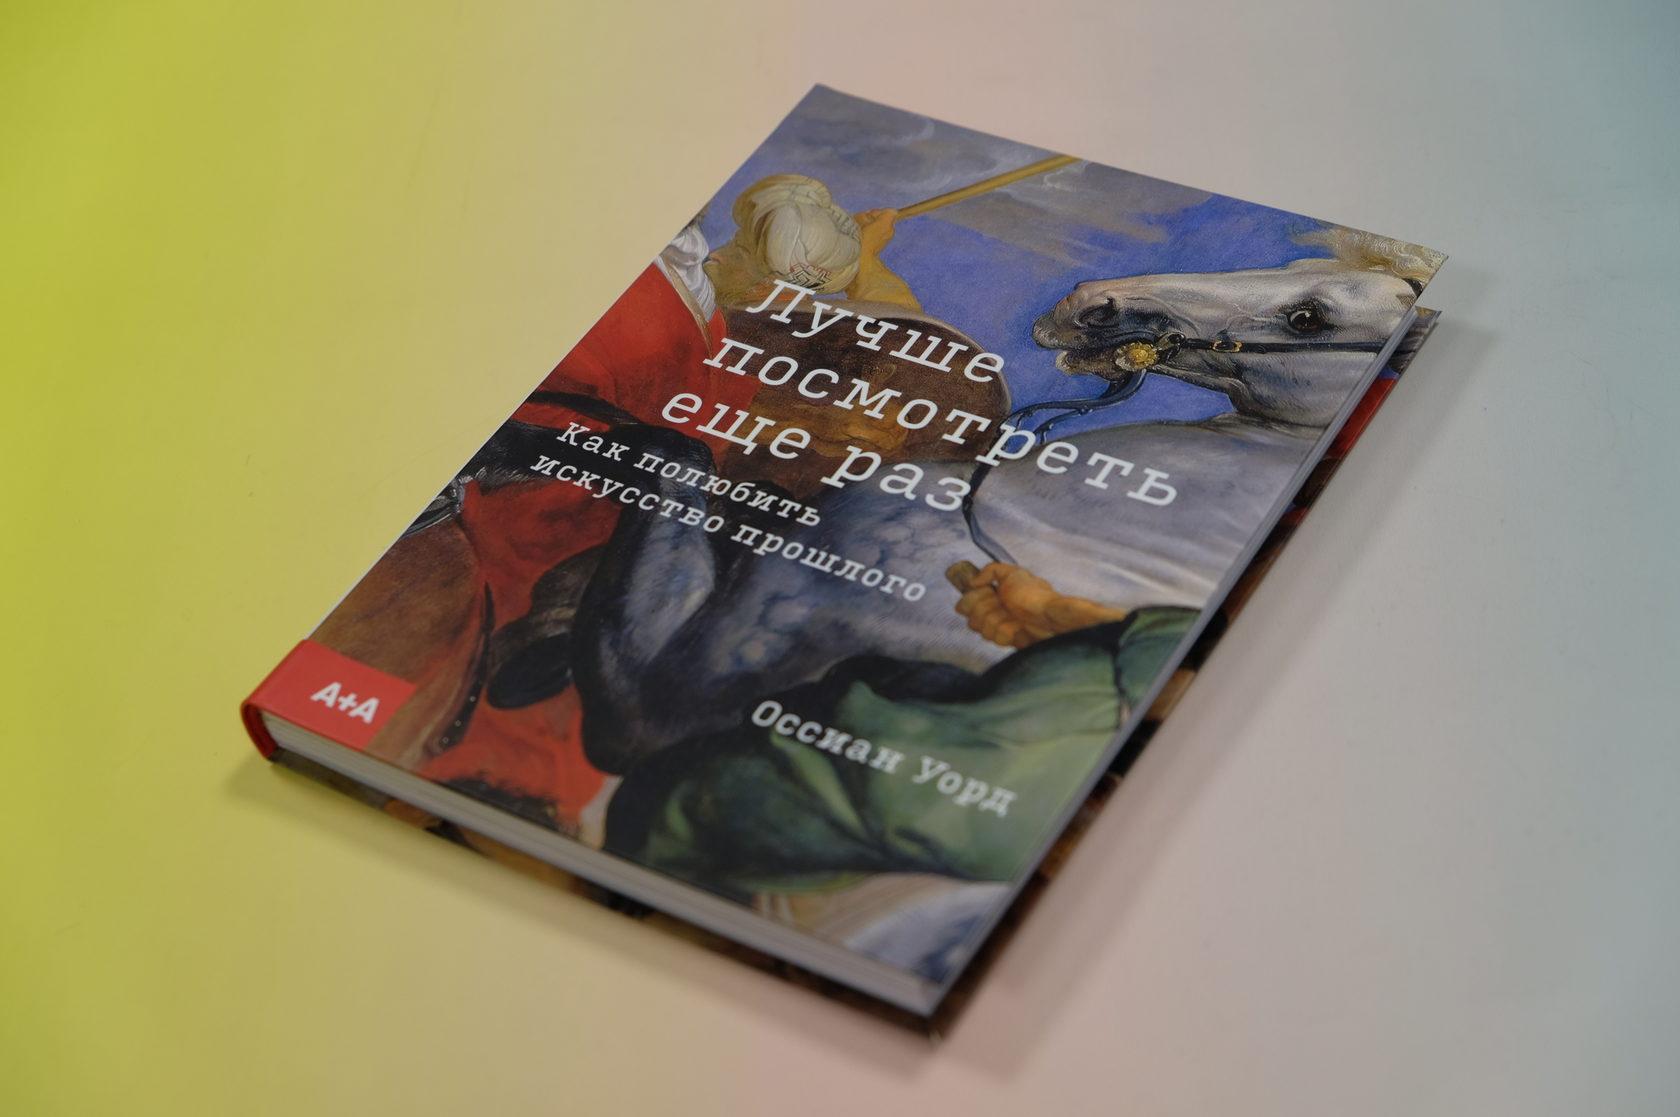 Купить книгу «Лучше посмотреть еще раз» Оссиан Уорд 978-5-91103-464-1